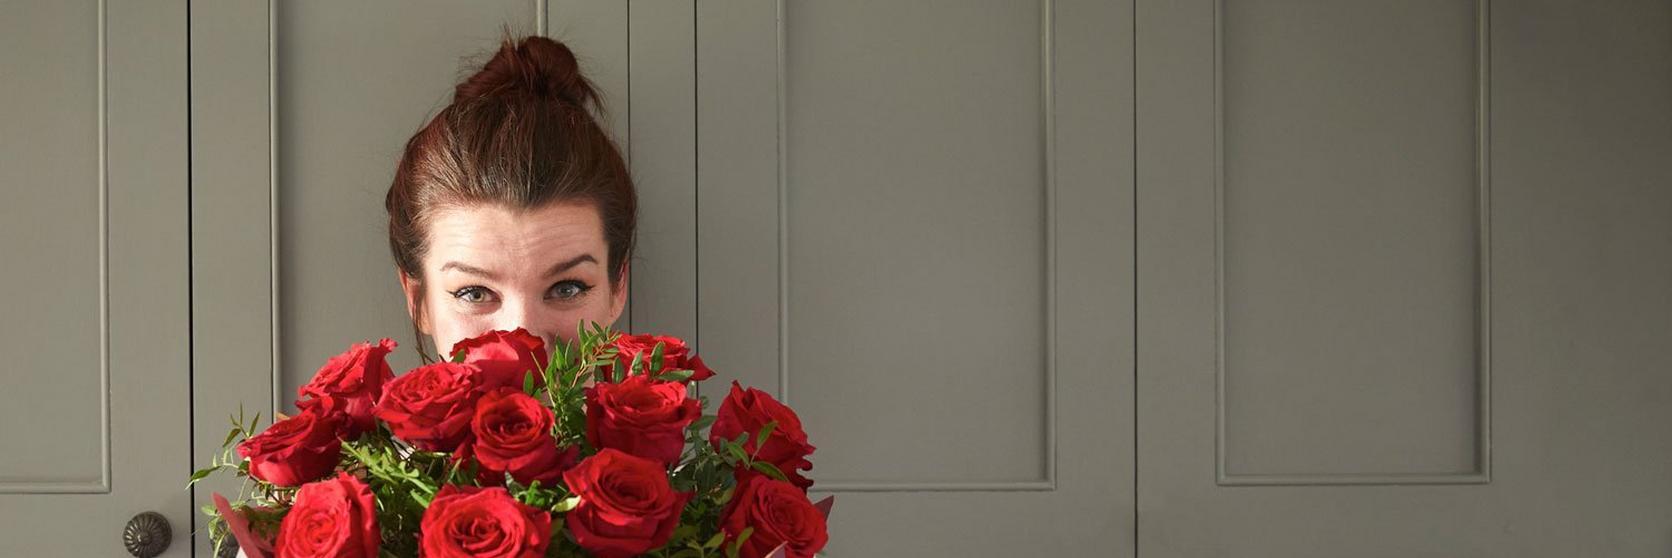 Alexa-Valentines-Promo